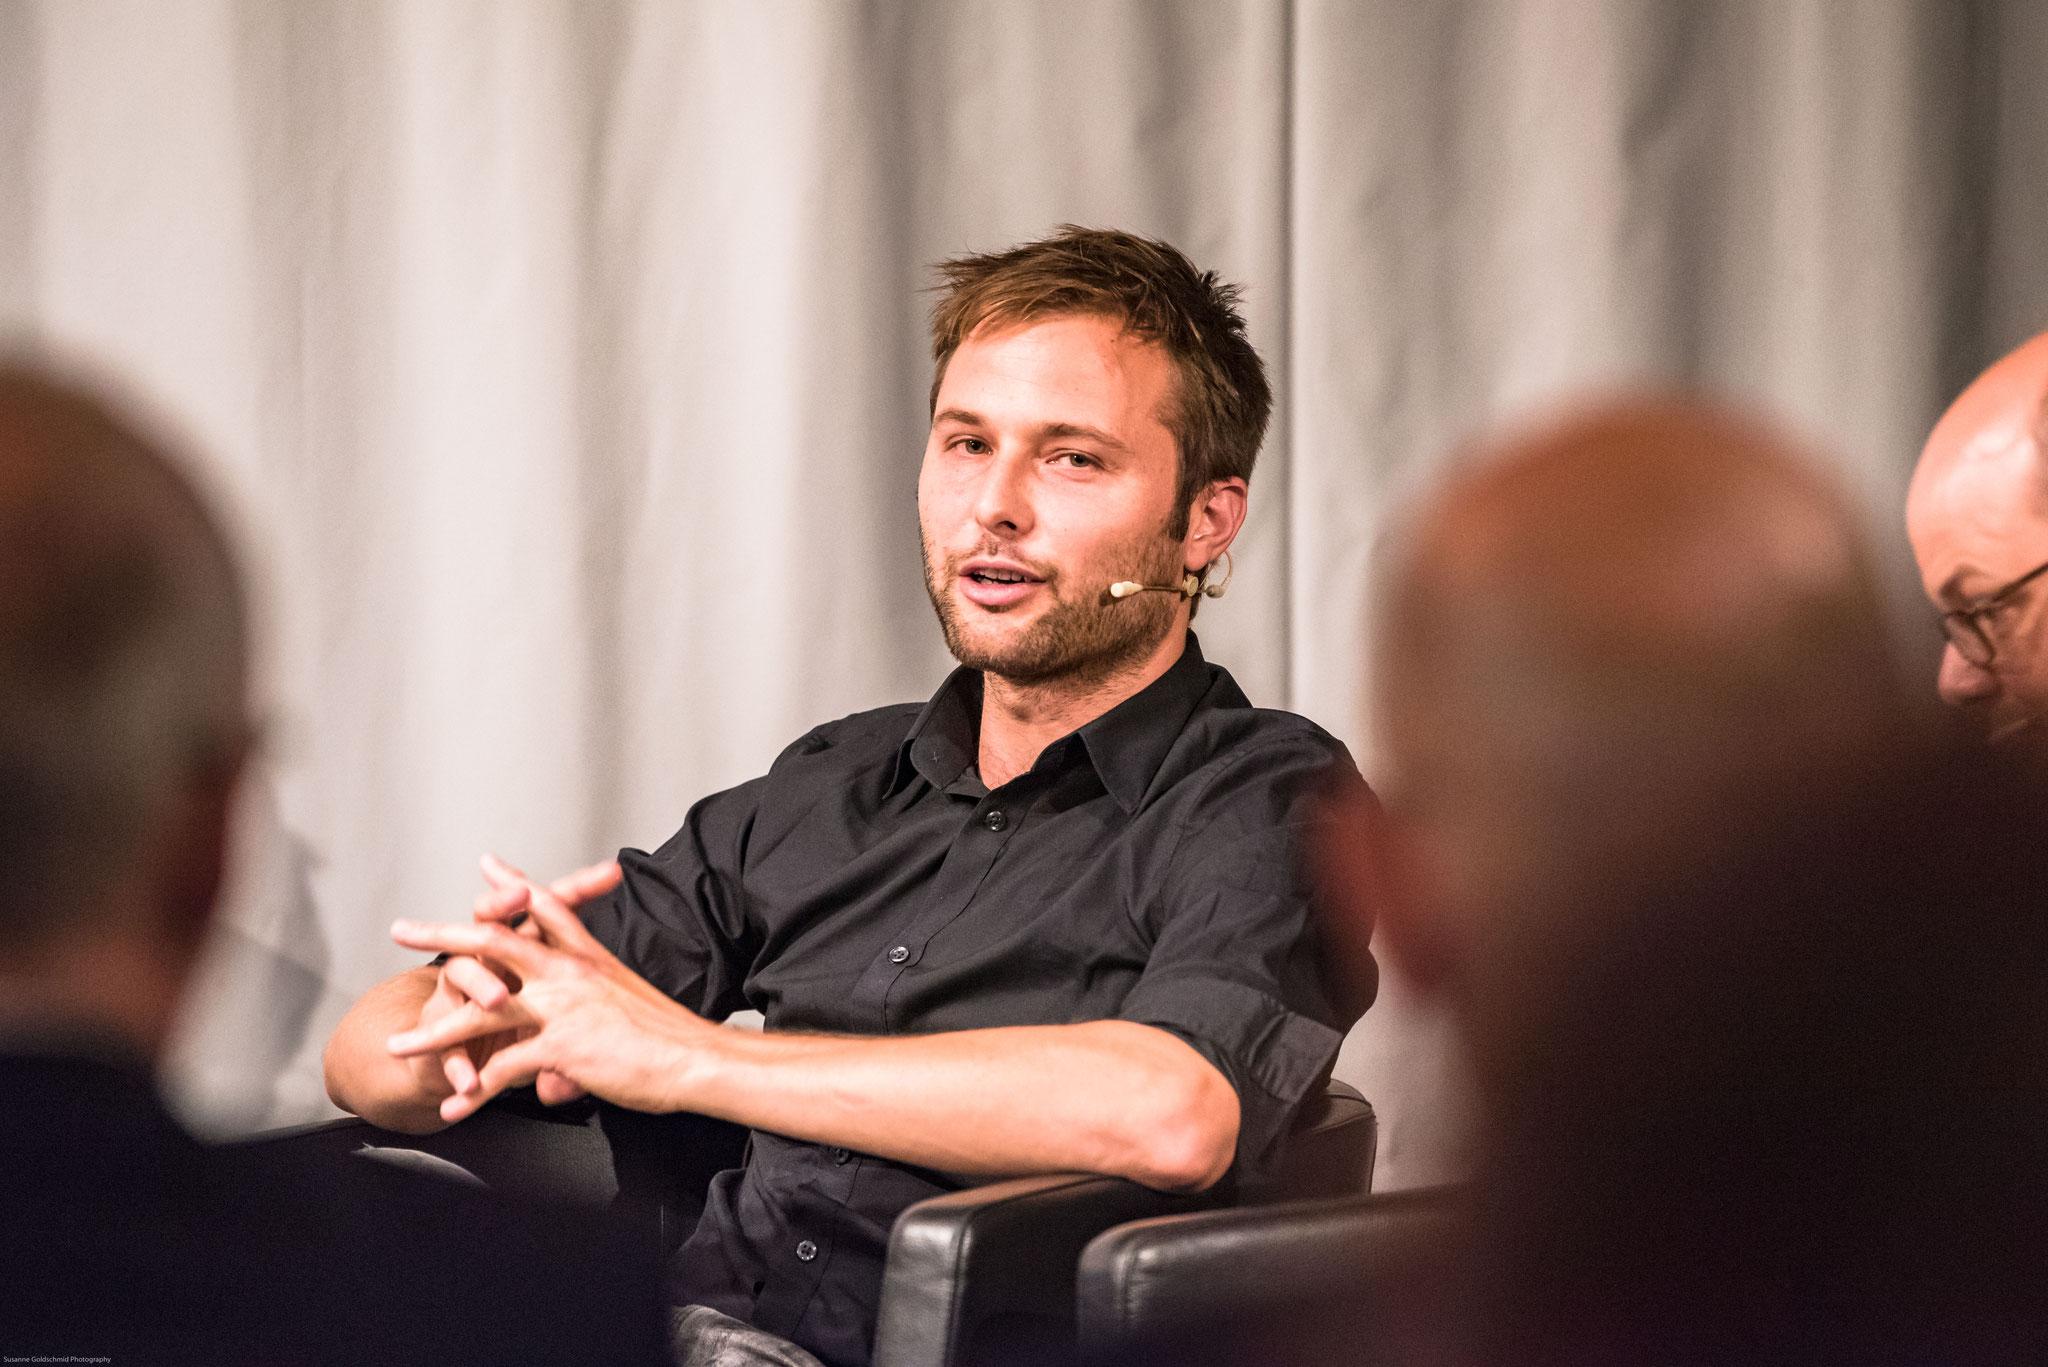 Nils Althaus (Künstler, effektiver Altruist)